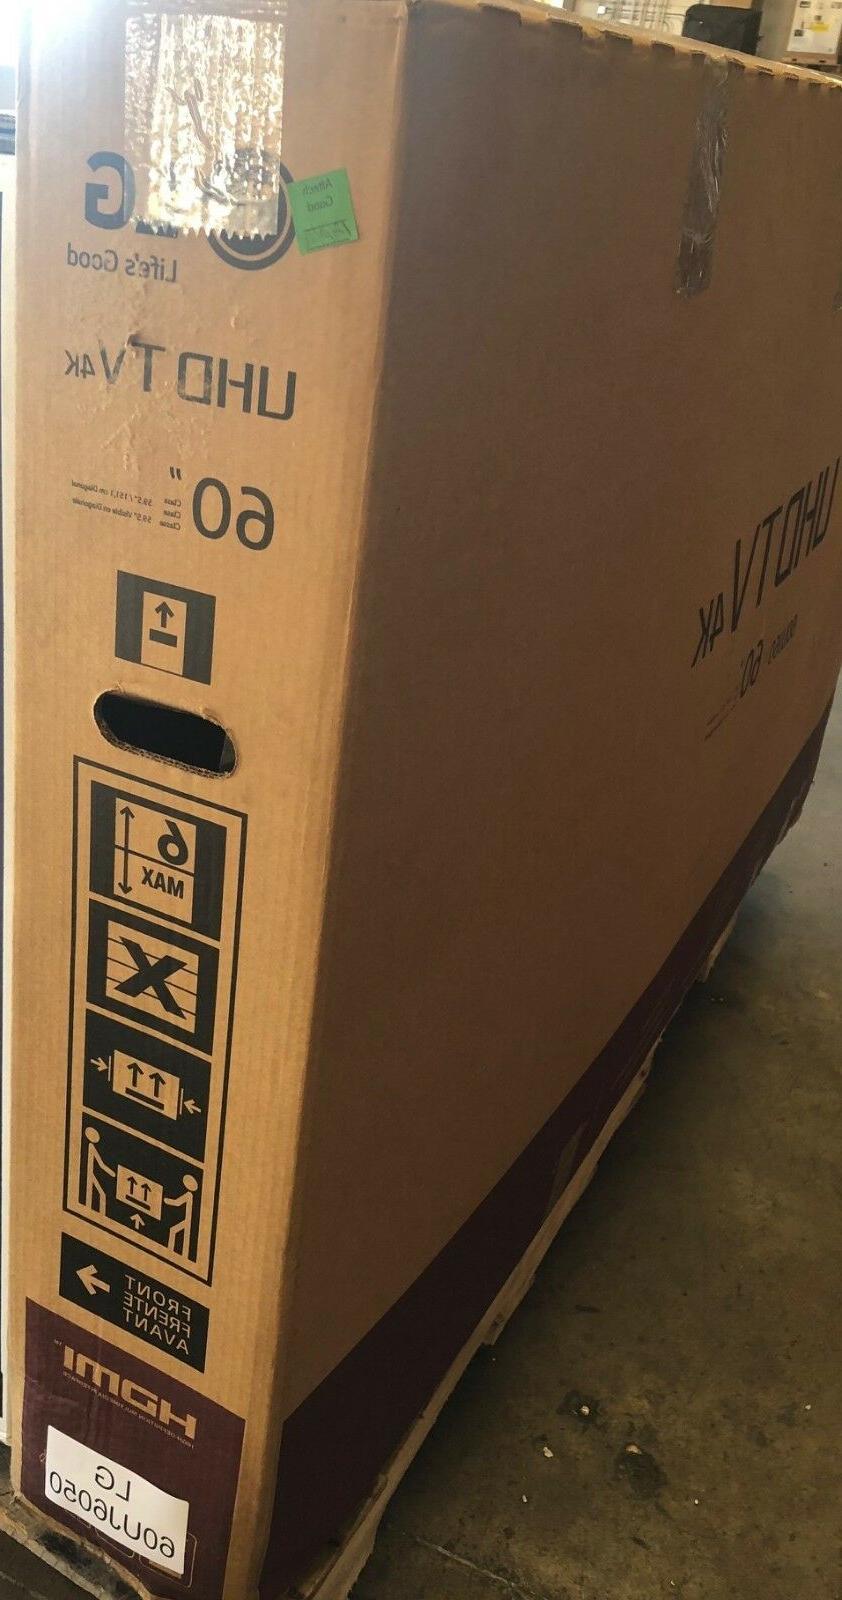 LG 60UJ6050 Inch 4K UHD LED HD 2160p